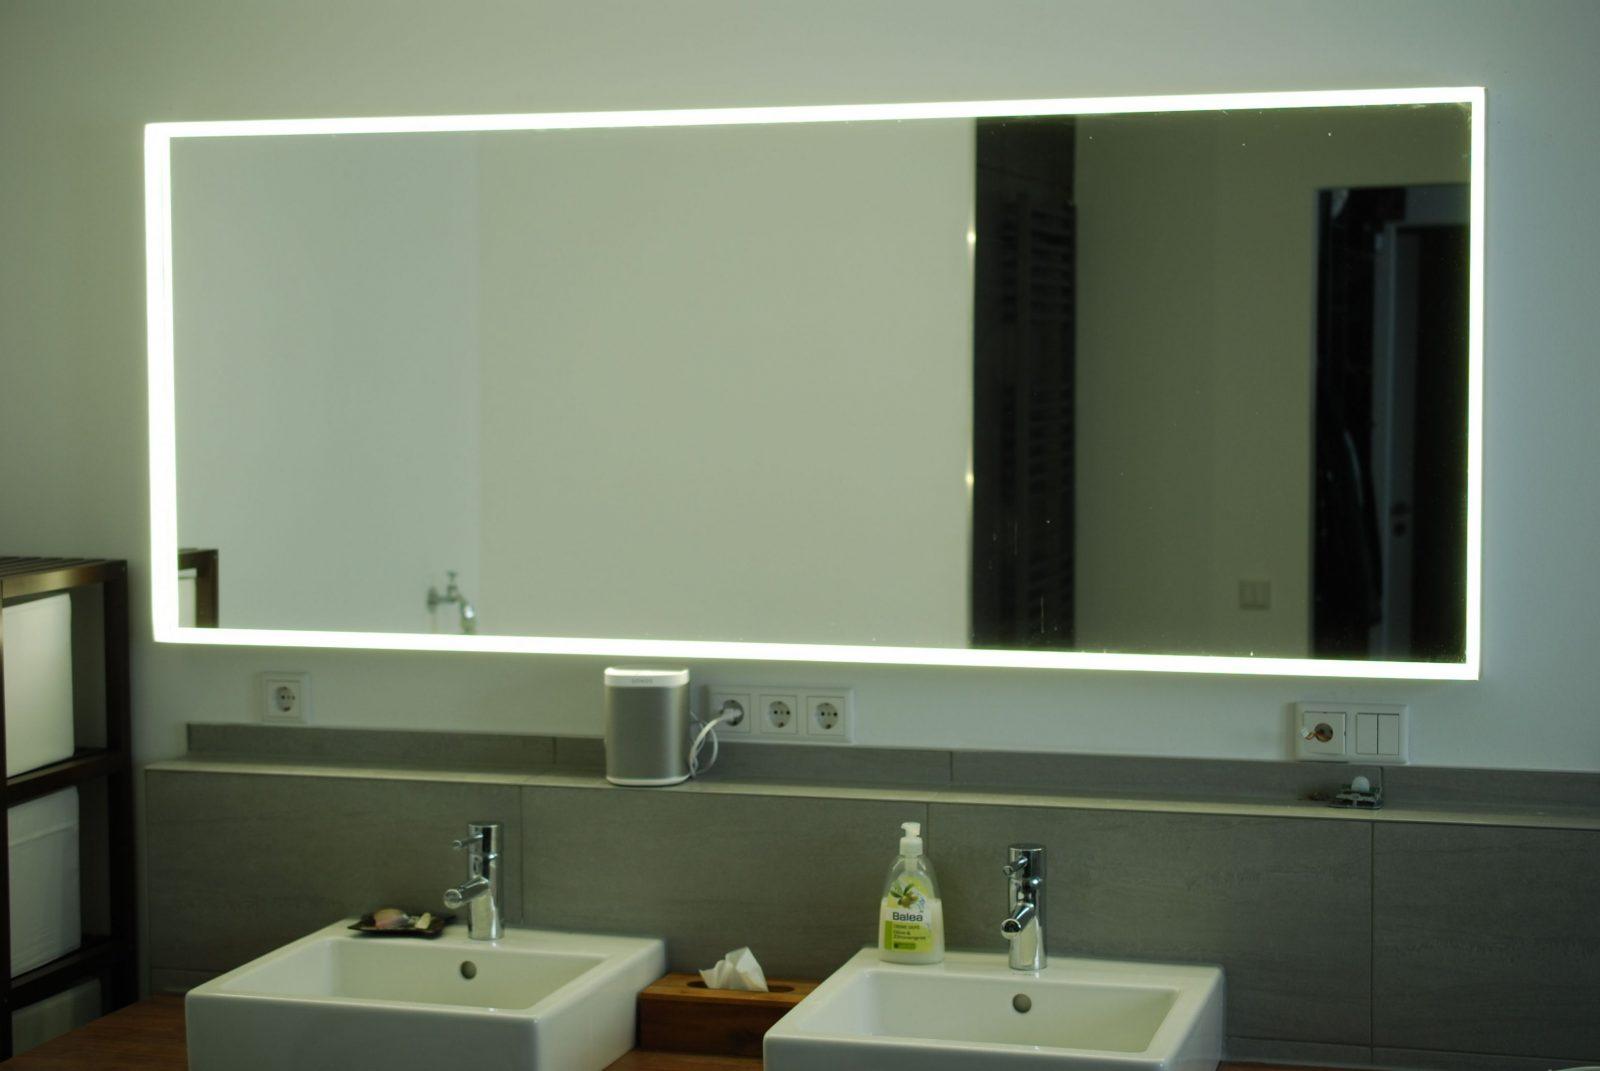 Ikeahack Ikea Spiegel Mit Eigener Led Stripe Installation Ab von Spiegel Mit Beleuchtung Ikea Bild